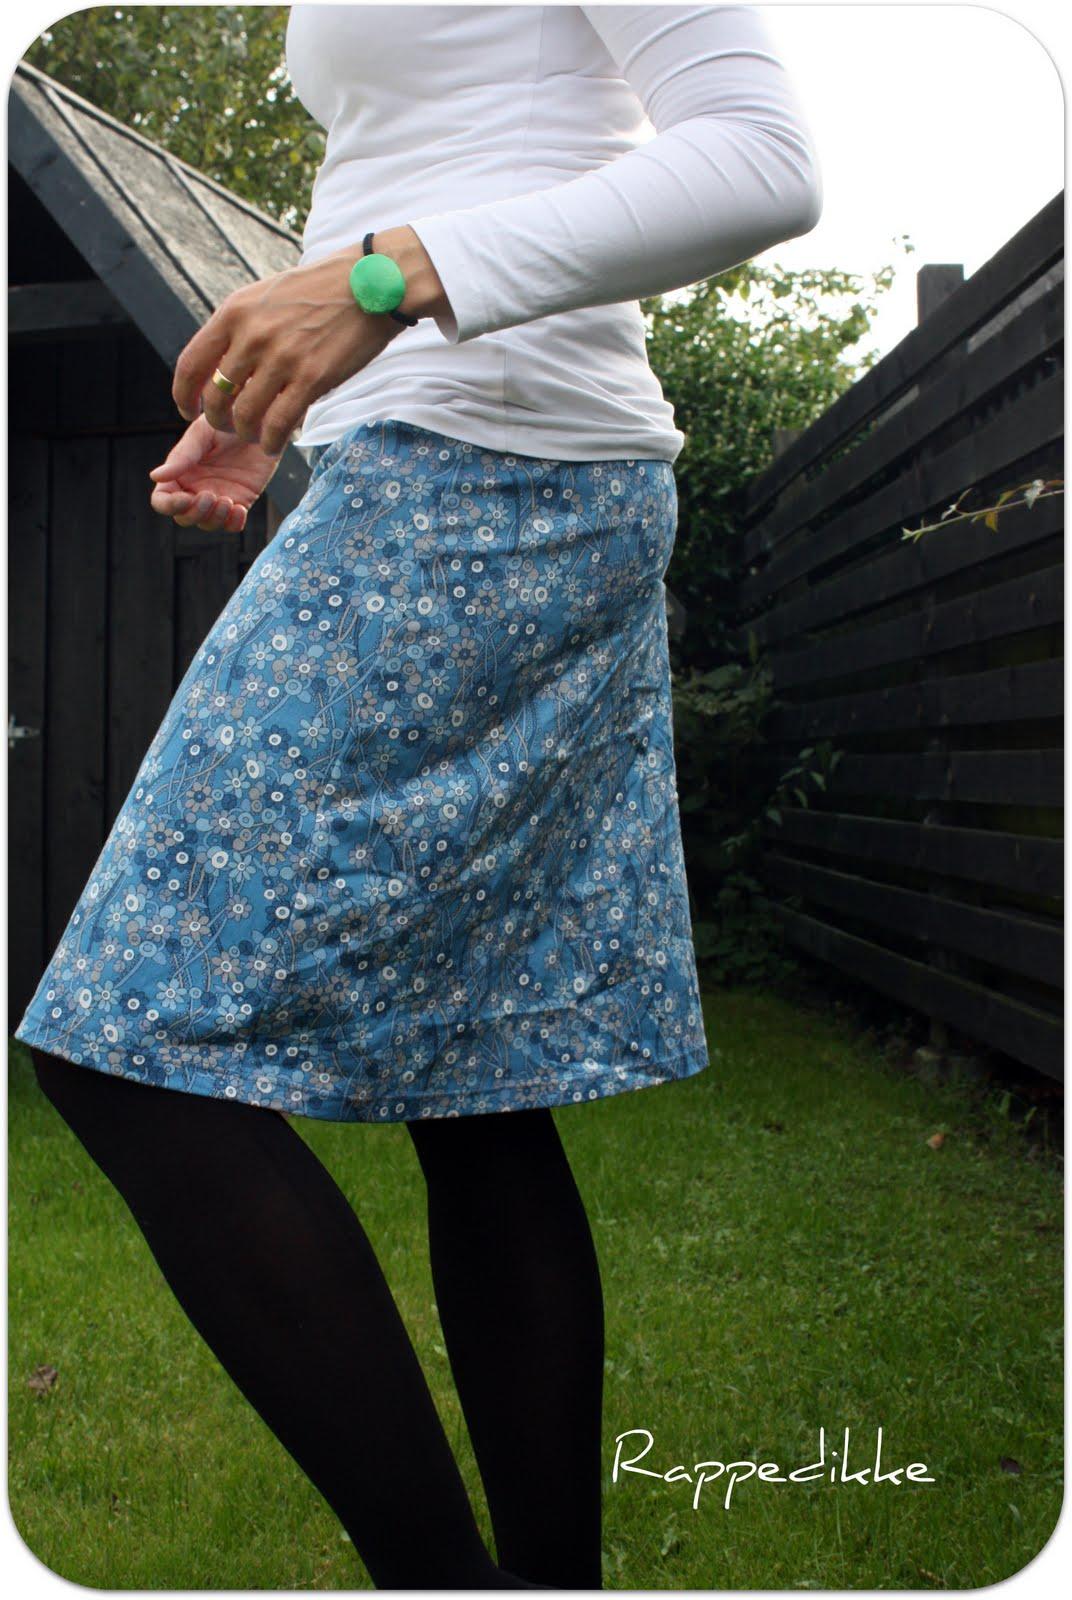 vild med nederdele